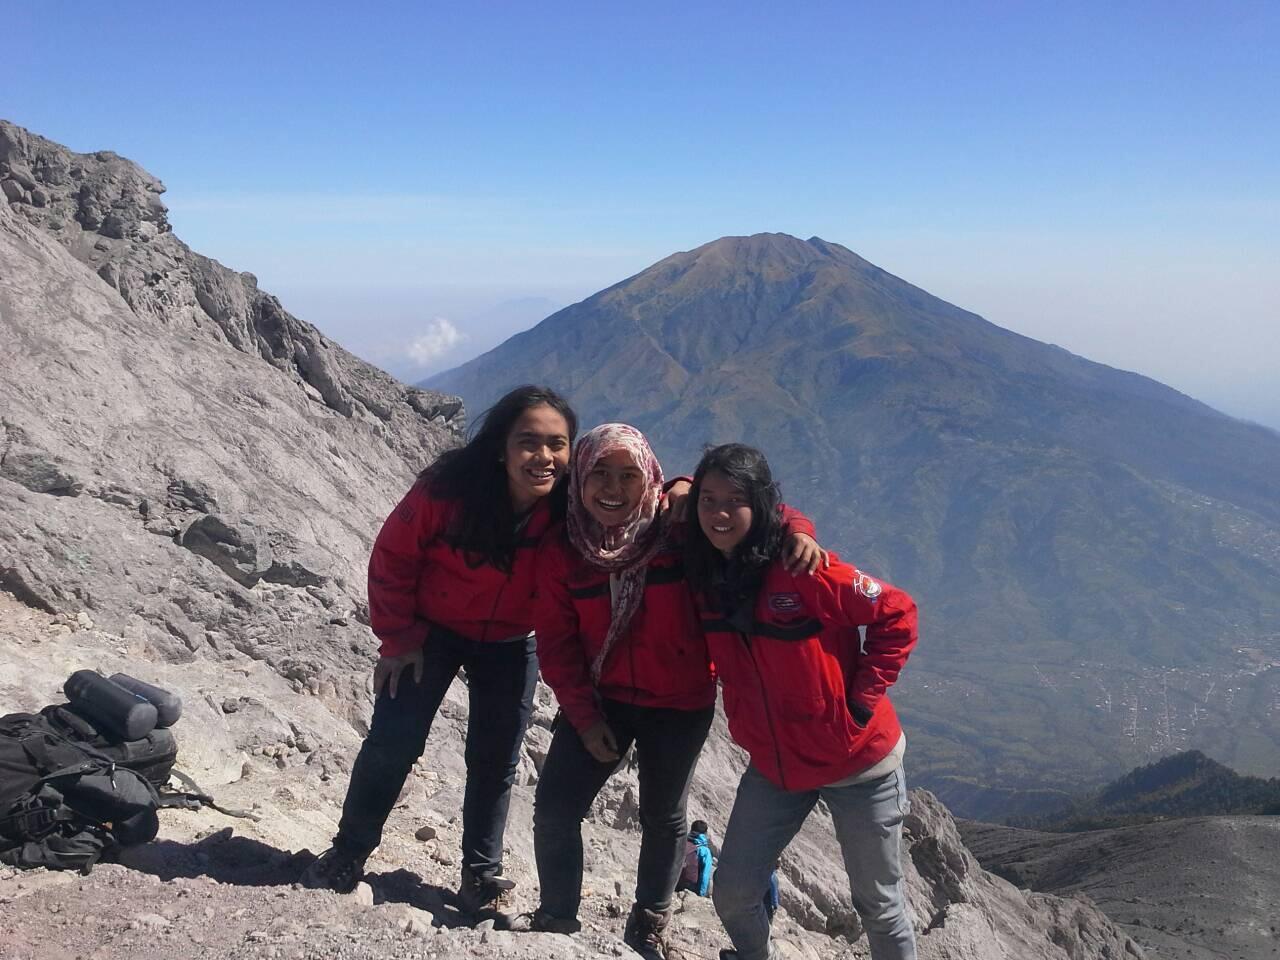 5 Hal Tentang Pasar Bubrah Gunung Merapi - Pendakian Gunung Merapi Tahun 2014